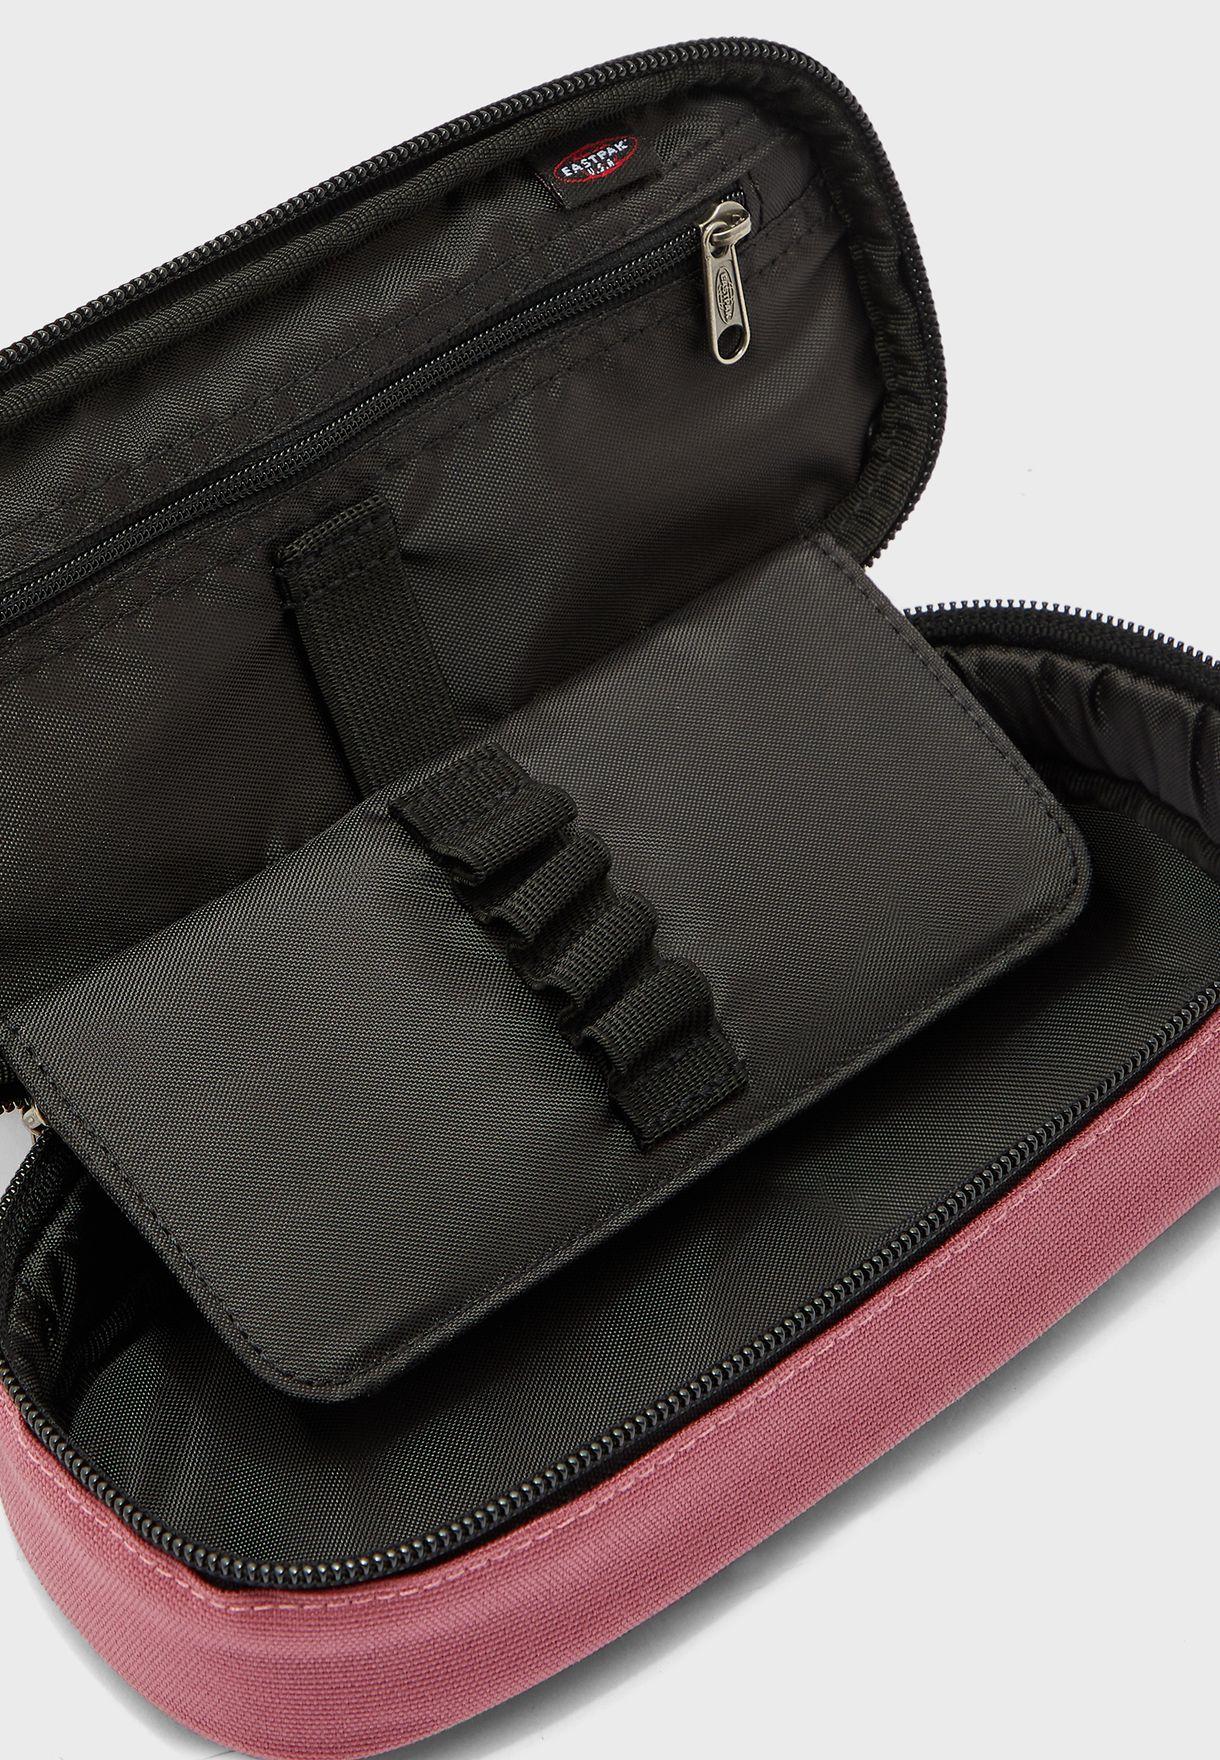 Oval Pencil Case